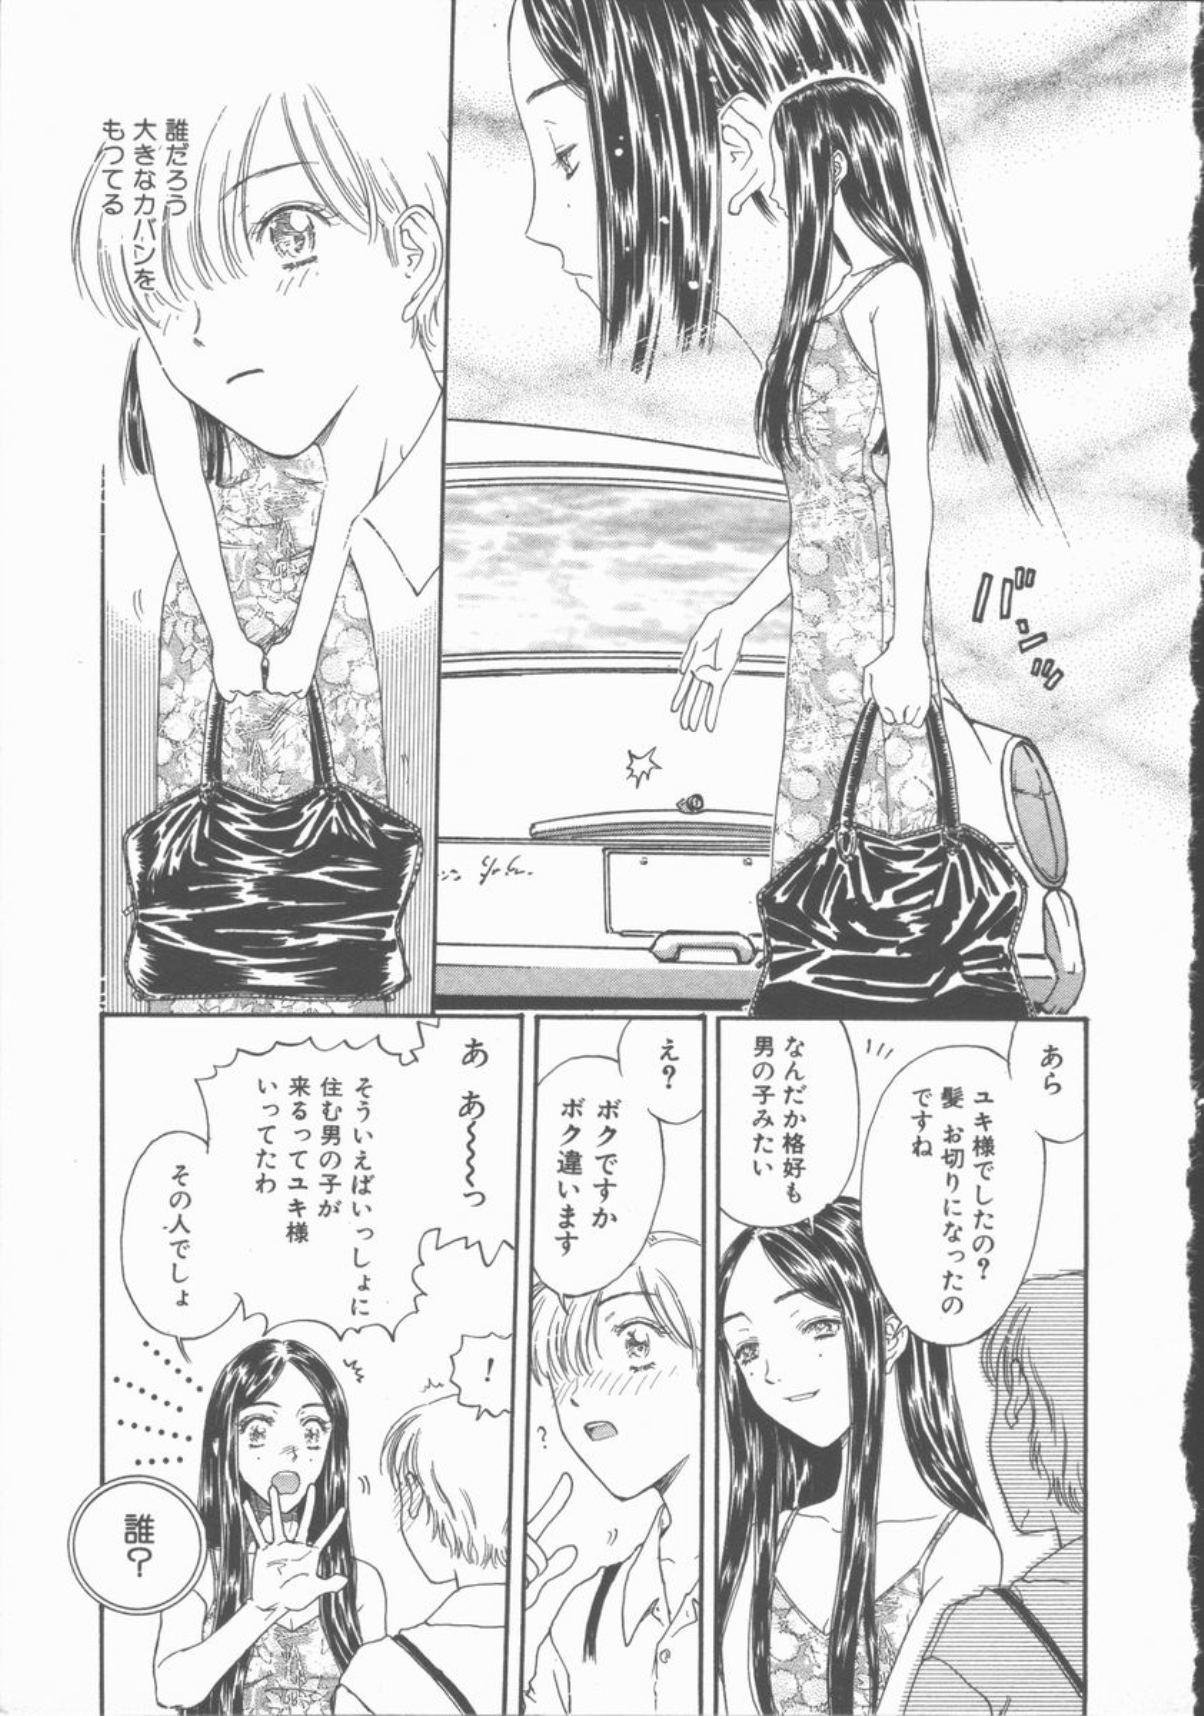 Inma no Sumu Yakata 59